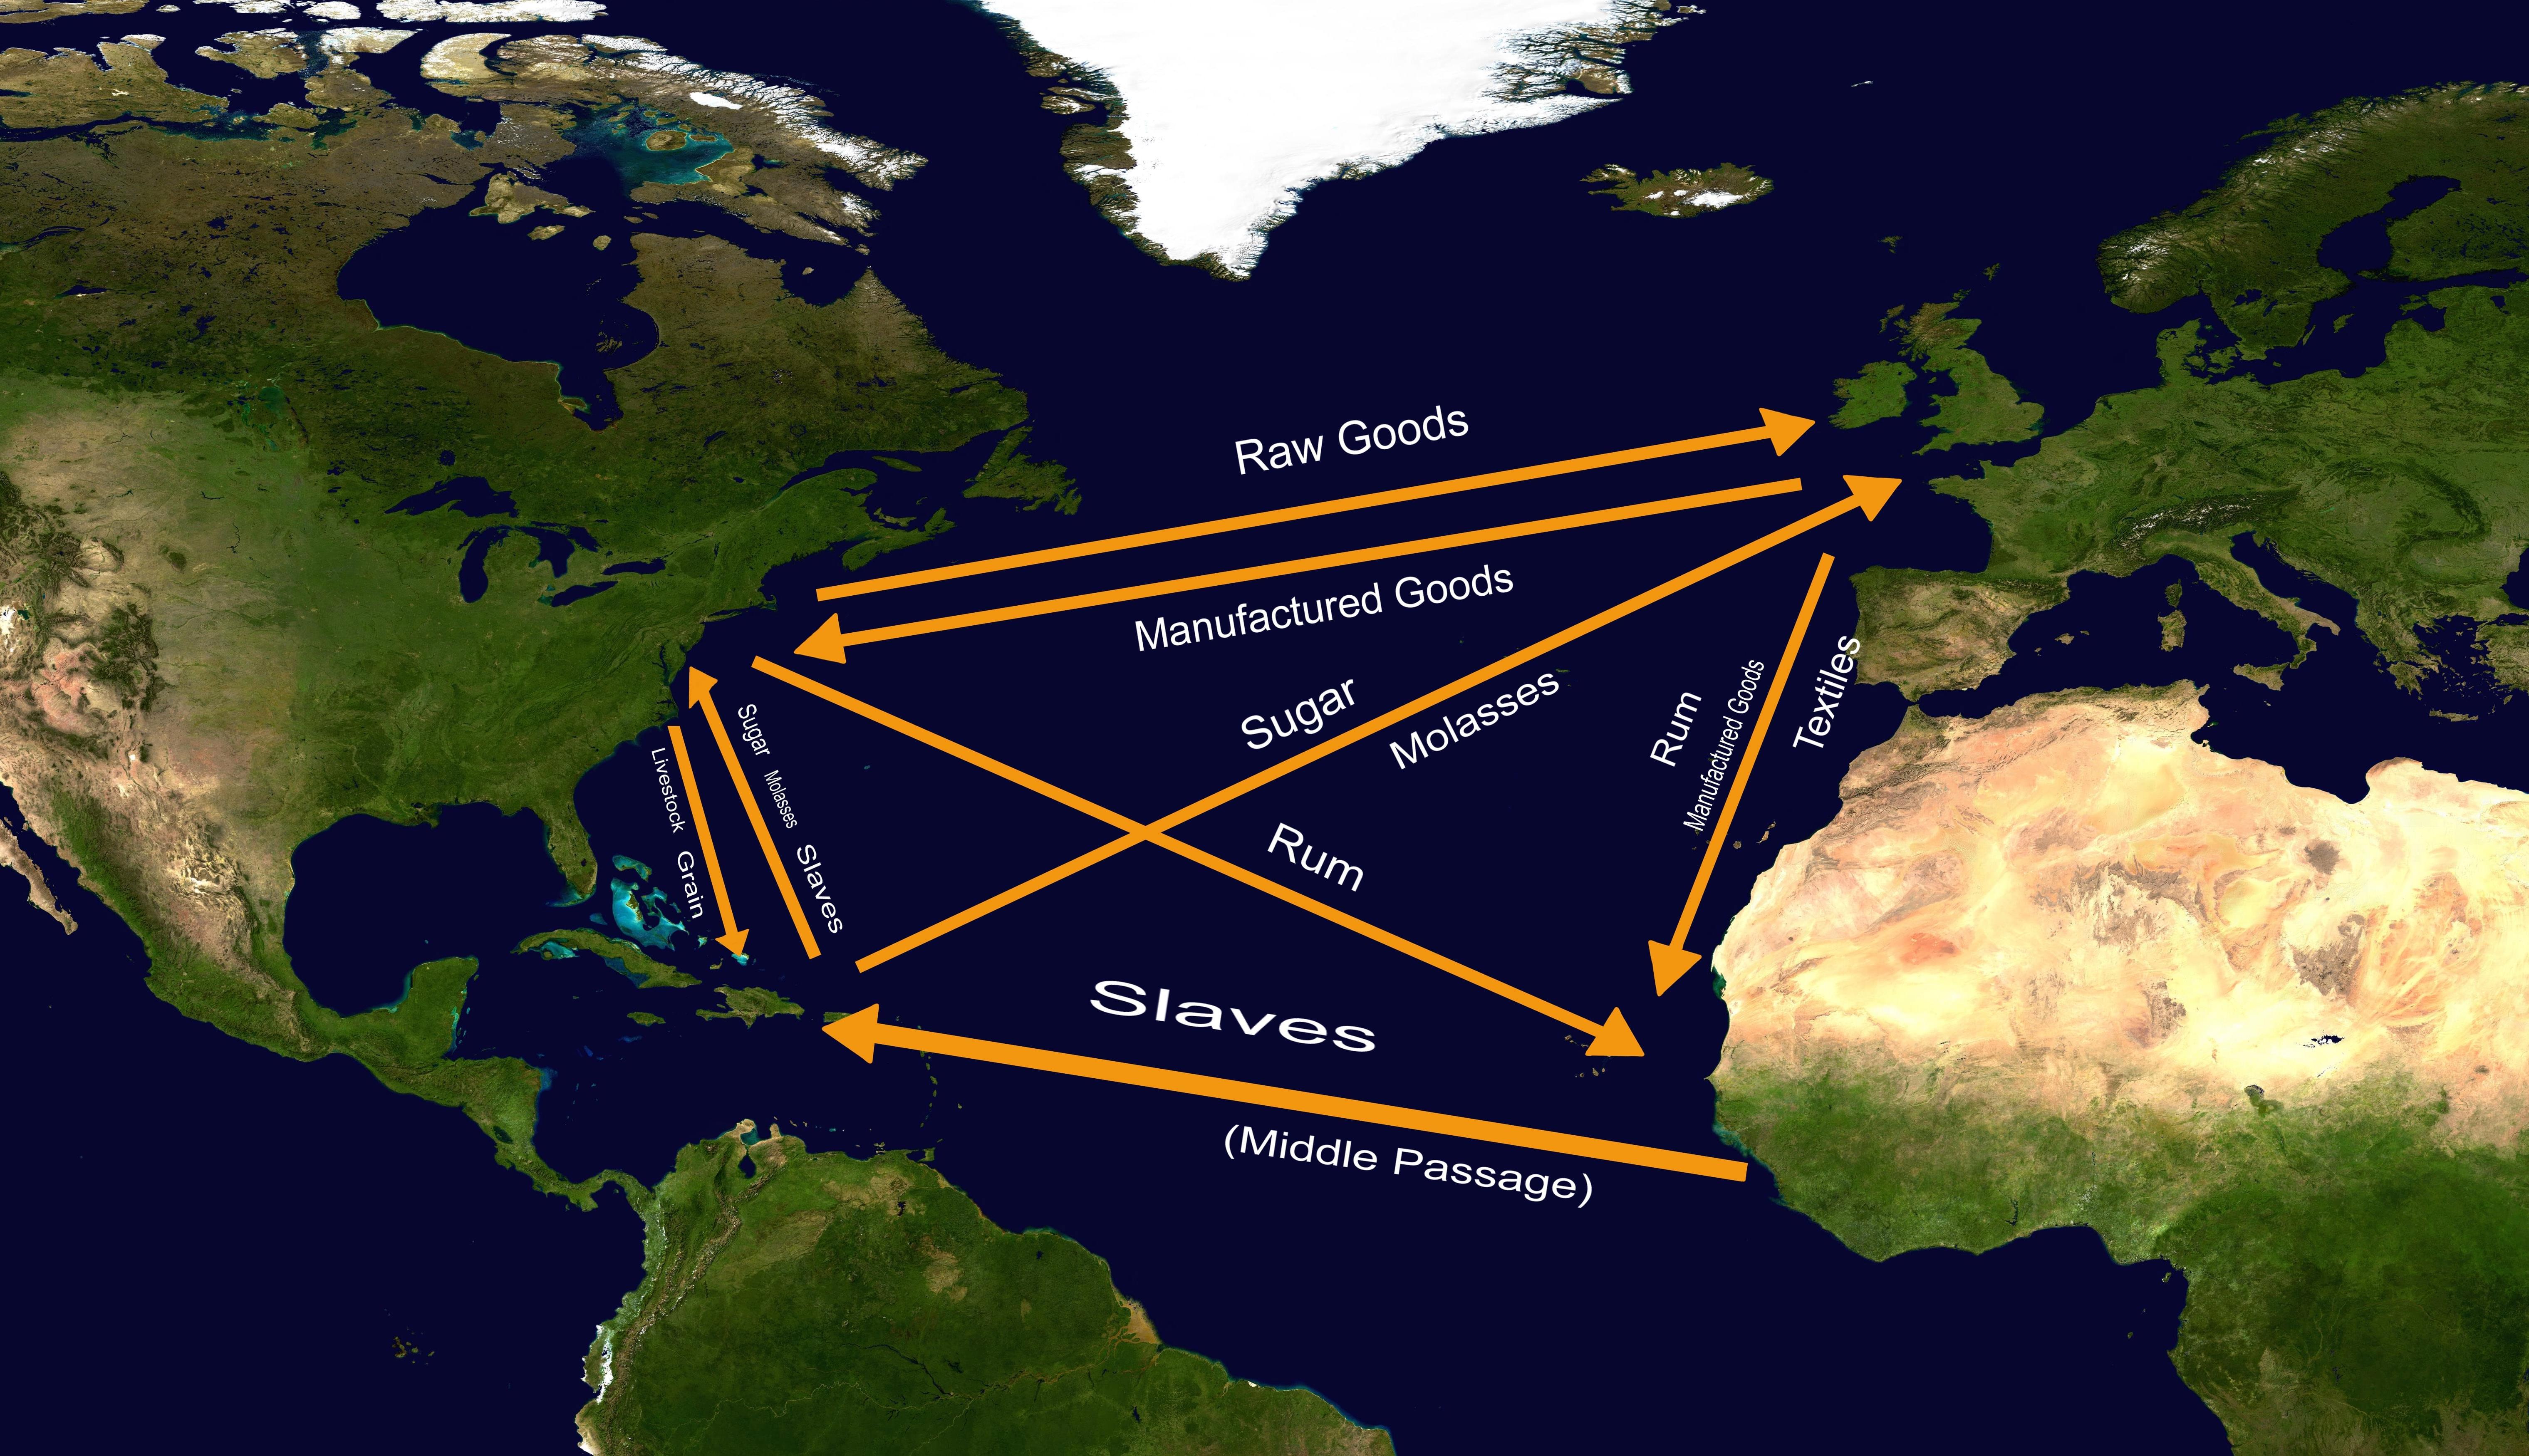 三角贸易,也即奴隶贸易。/Wikipedia